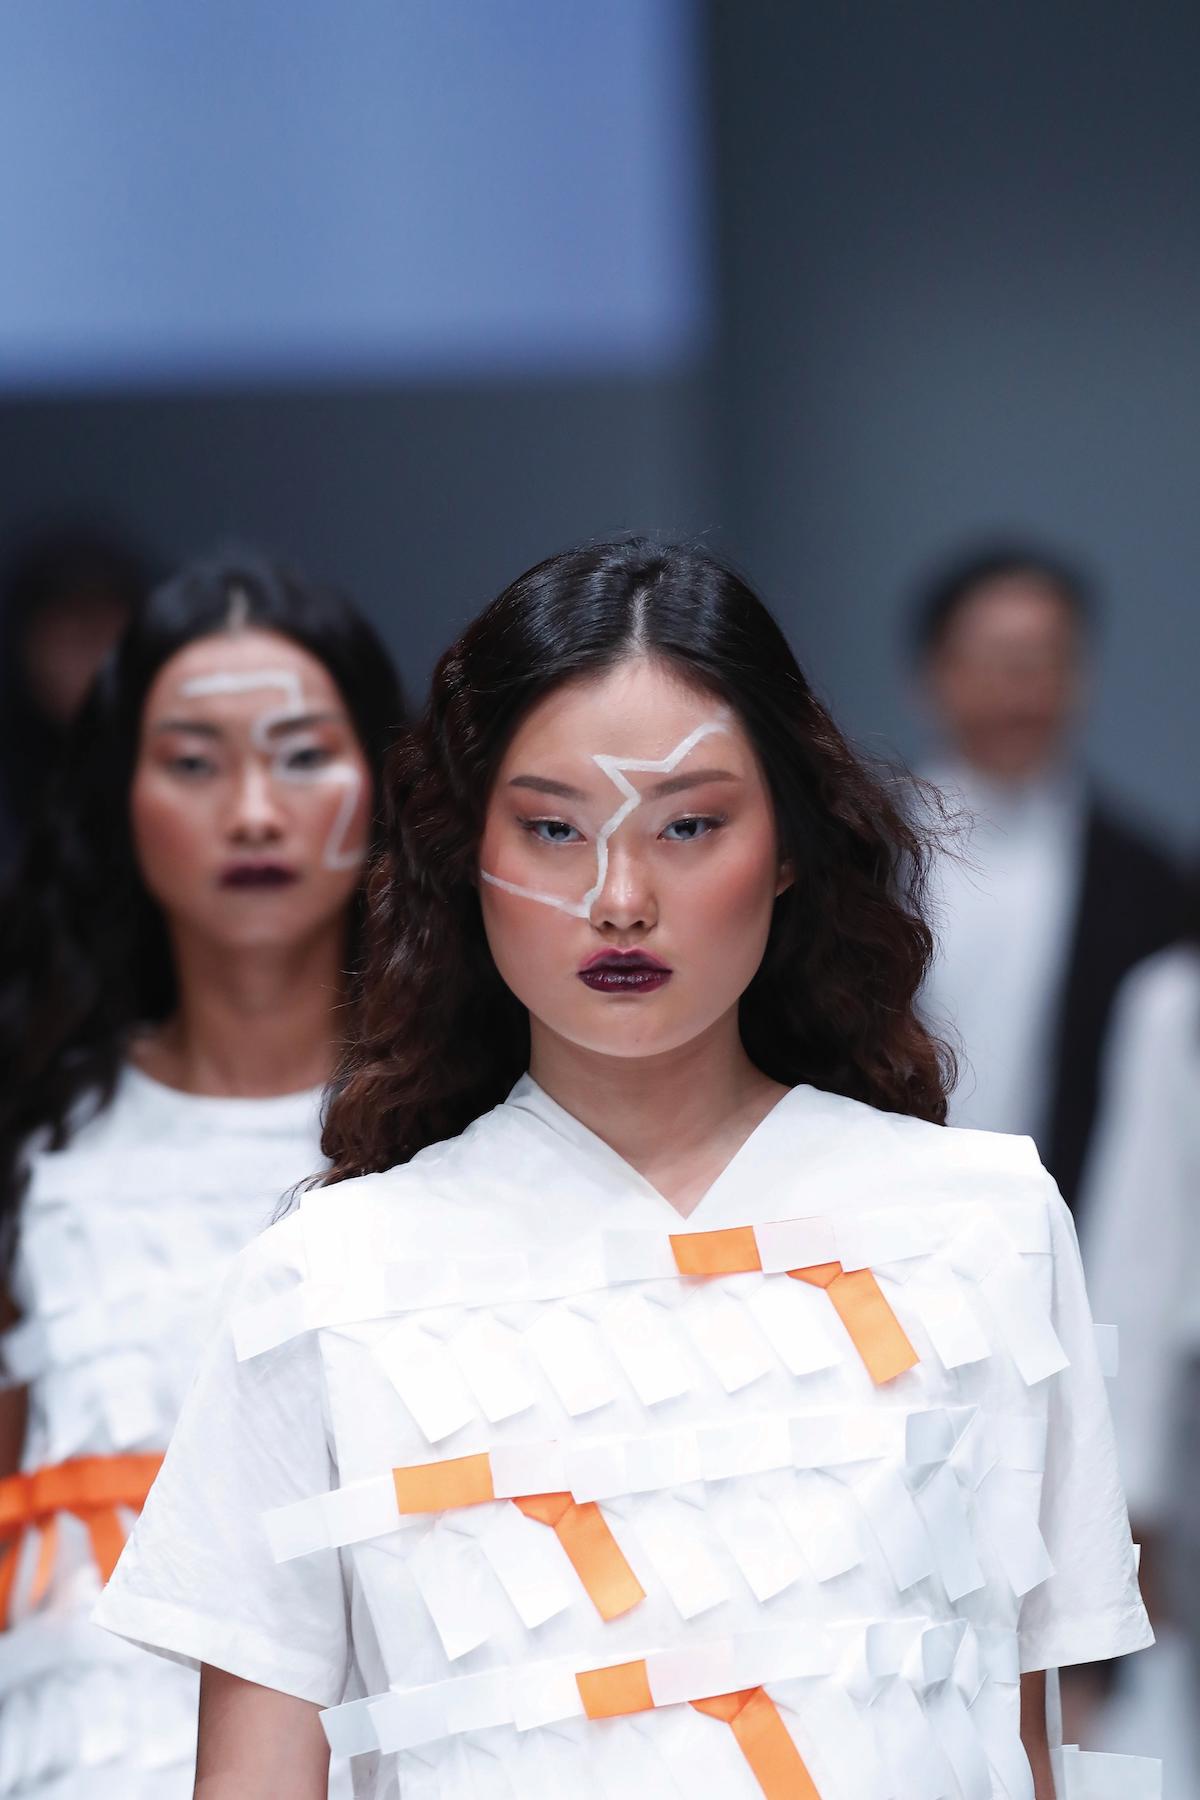 Wanita asia dengan warna rambut dark brown JFW 2018